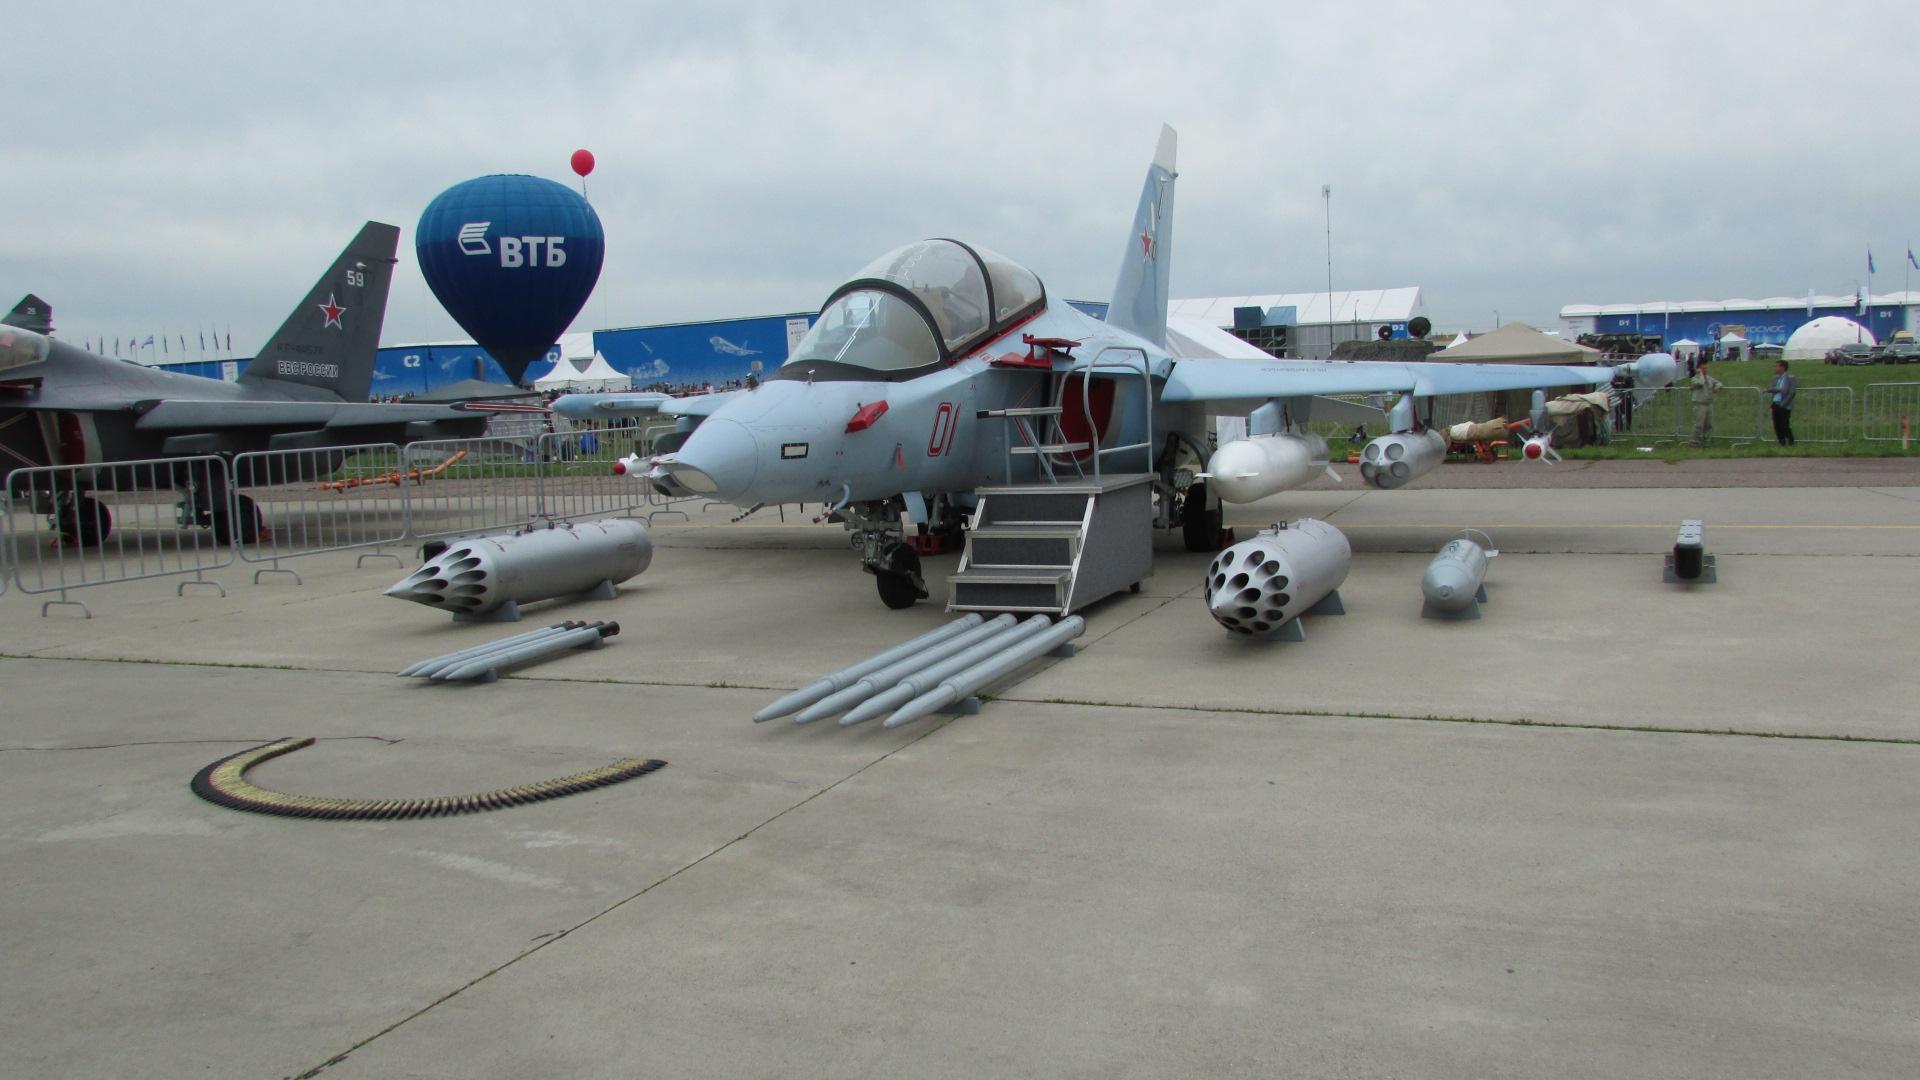 Самолет с измененным обтекателем и прицельным комплексом.